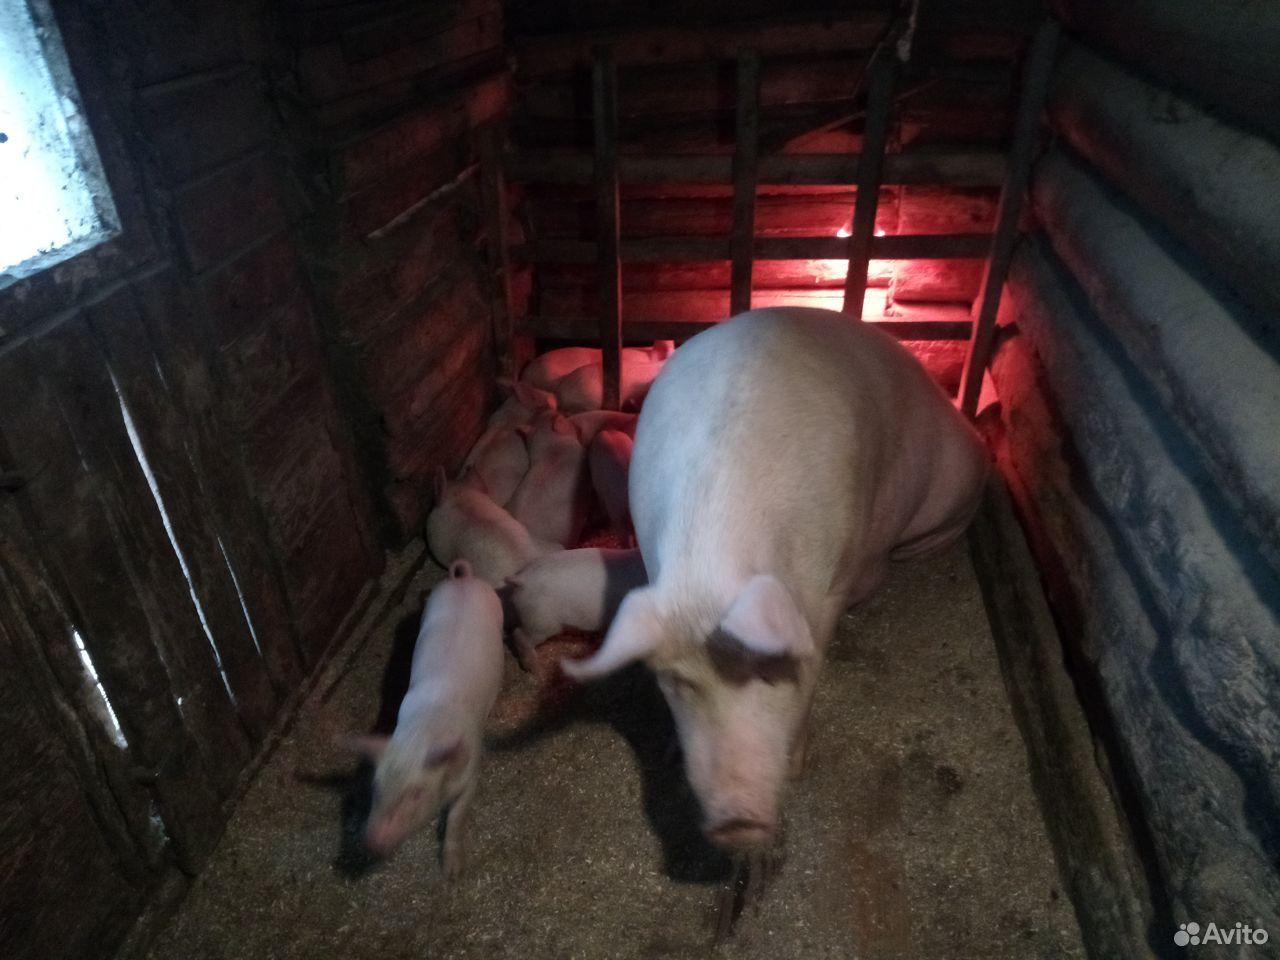 Поросята. Осталось 2 свинки и 3 хрячка. 12-15 кг  89005575791 купить 2